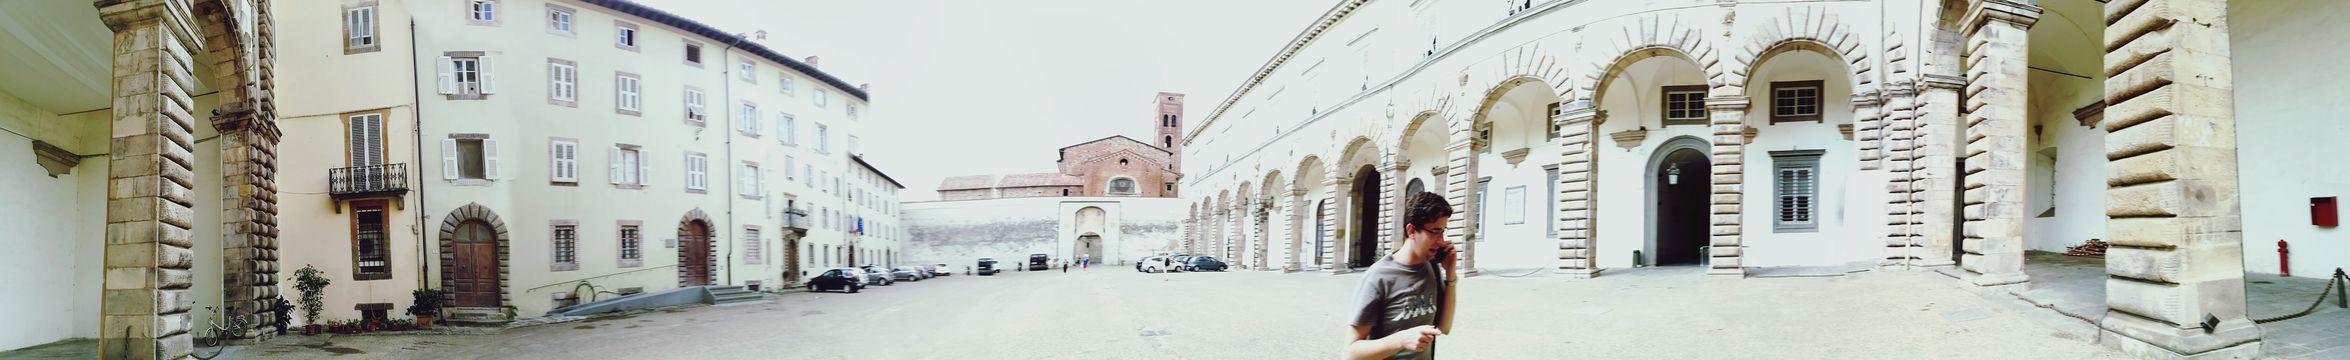 Lucca, Italy P.S Cherisheverymoment Panaromic View